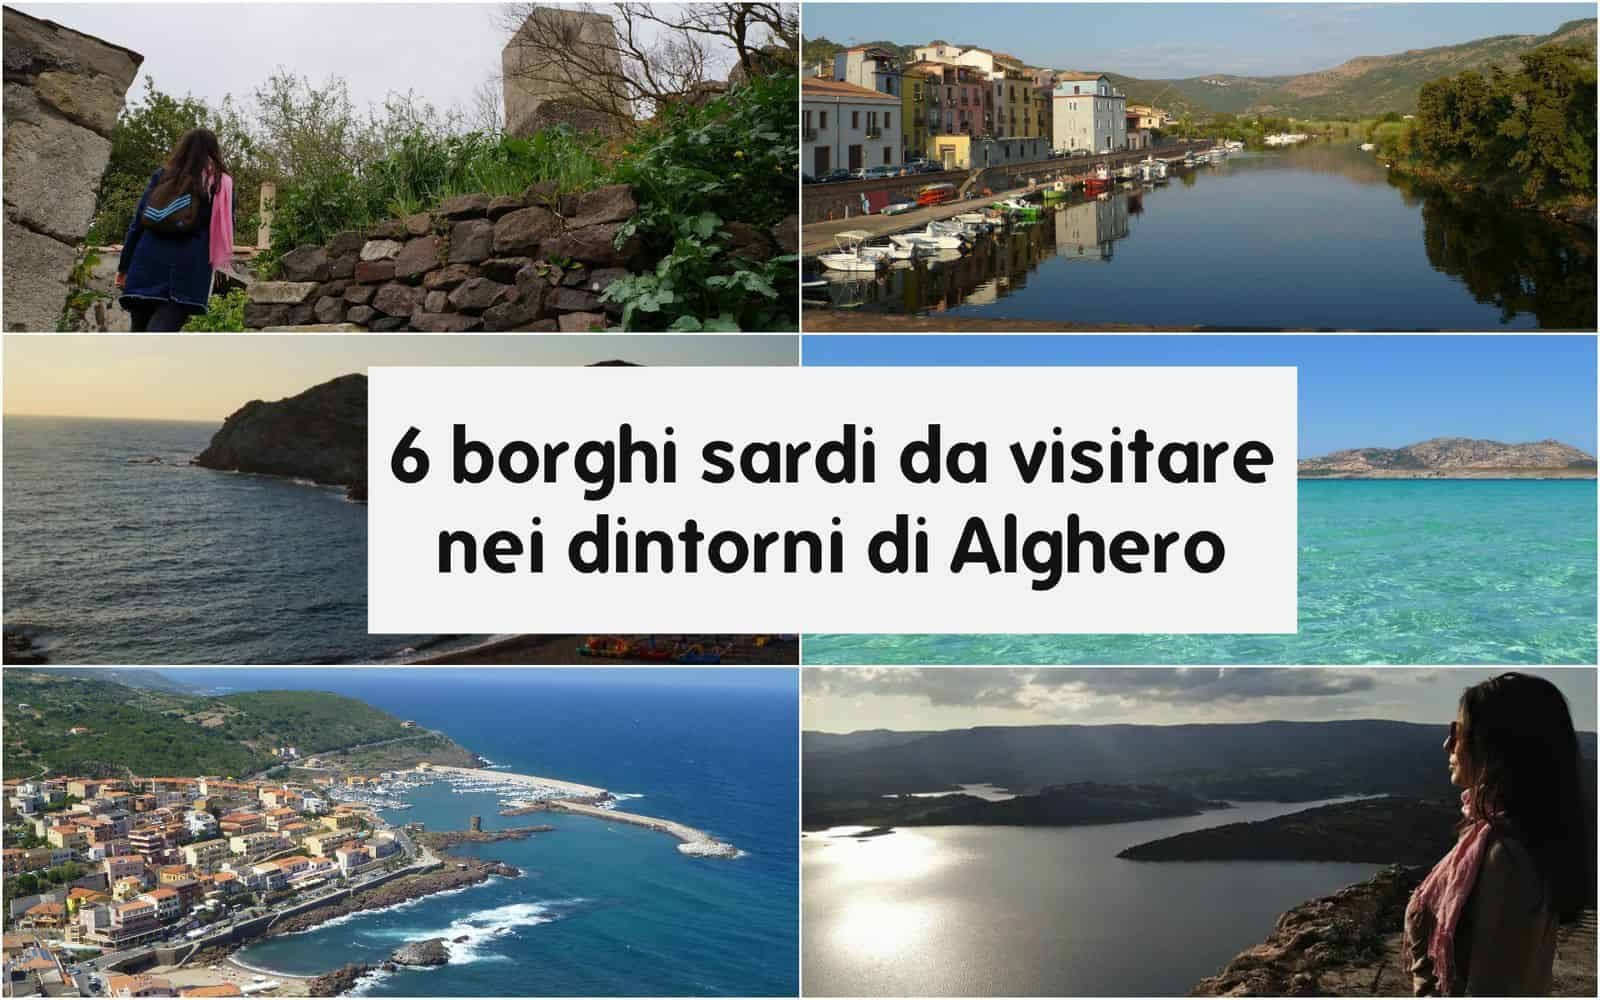 6 borghi sardi da visitare nei dintorni di Alghero